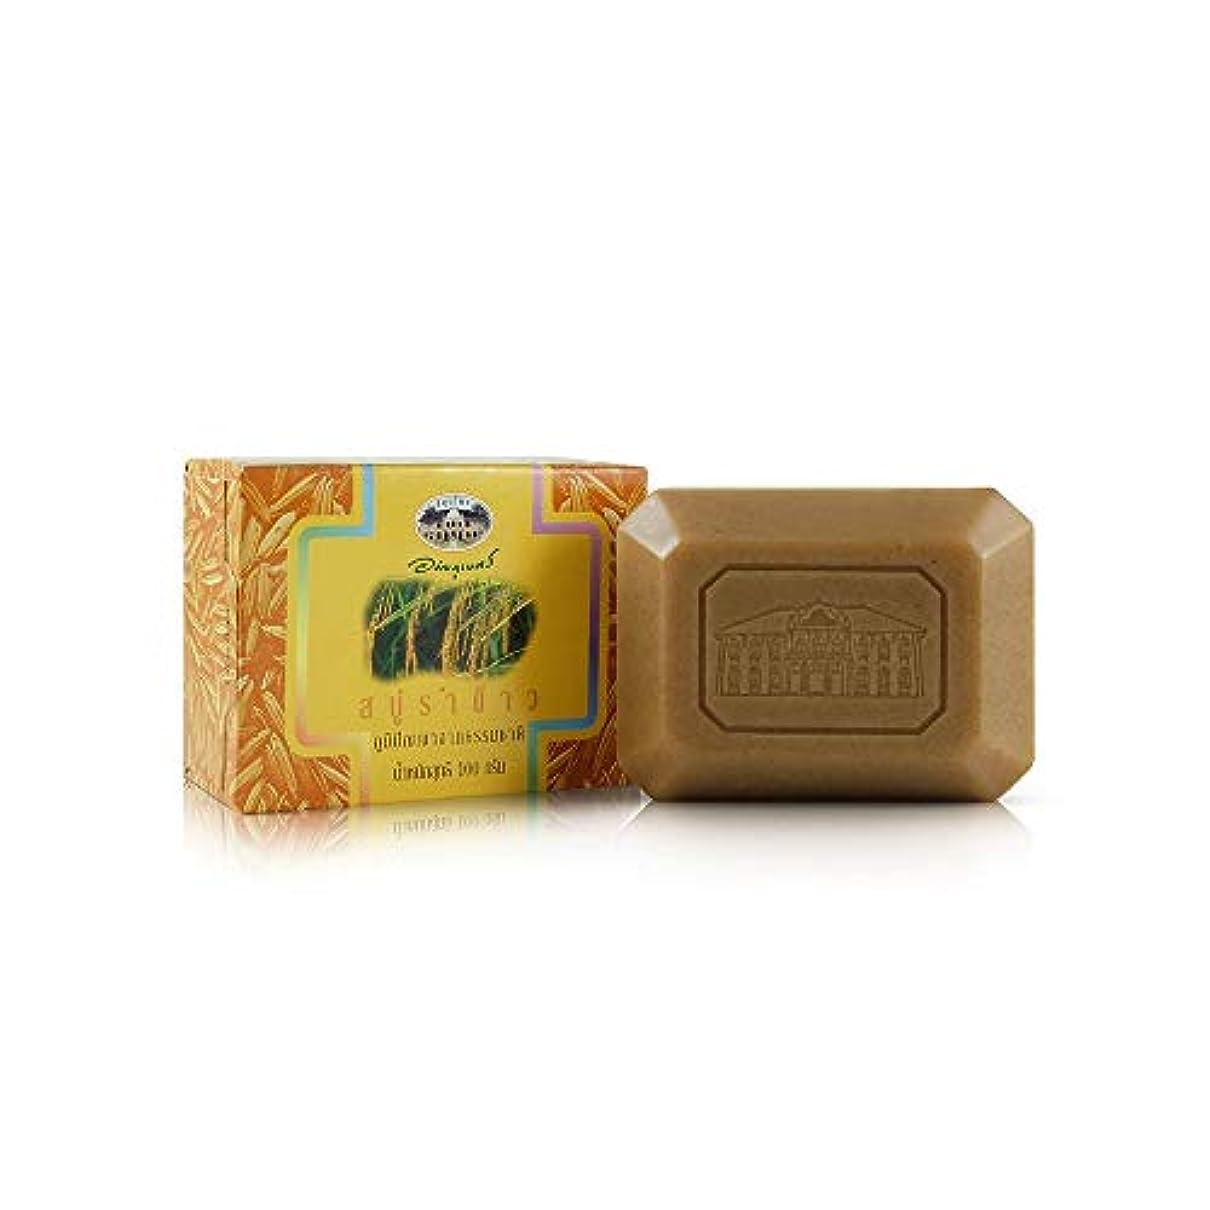 対象該当する注入Abhaibhubejhr Rice Bran Herbal Body Cleansing Soap 100g. Abhaibhubejhrライスブランハーブボディクレンジングソープ100グラム。